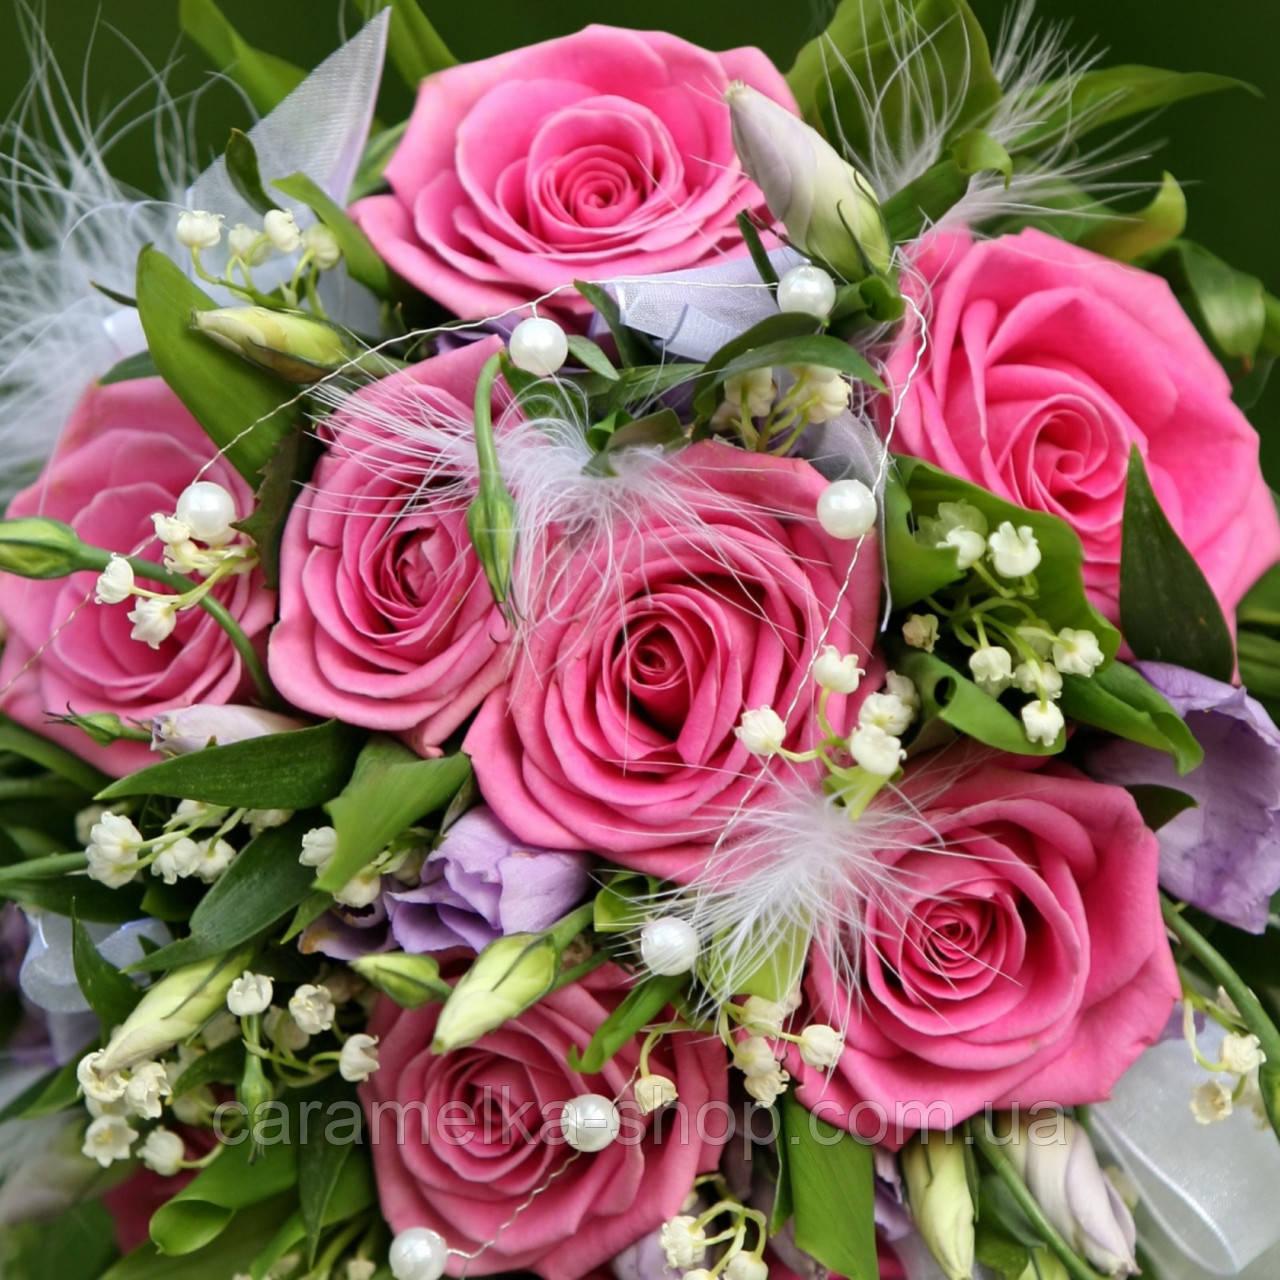 Сахарная картинка цветы, для торта